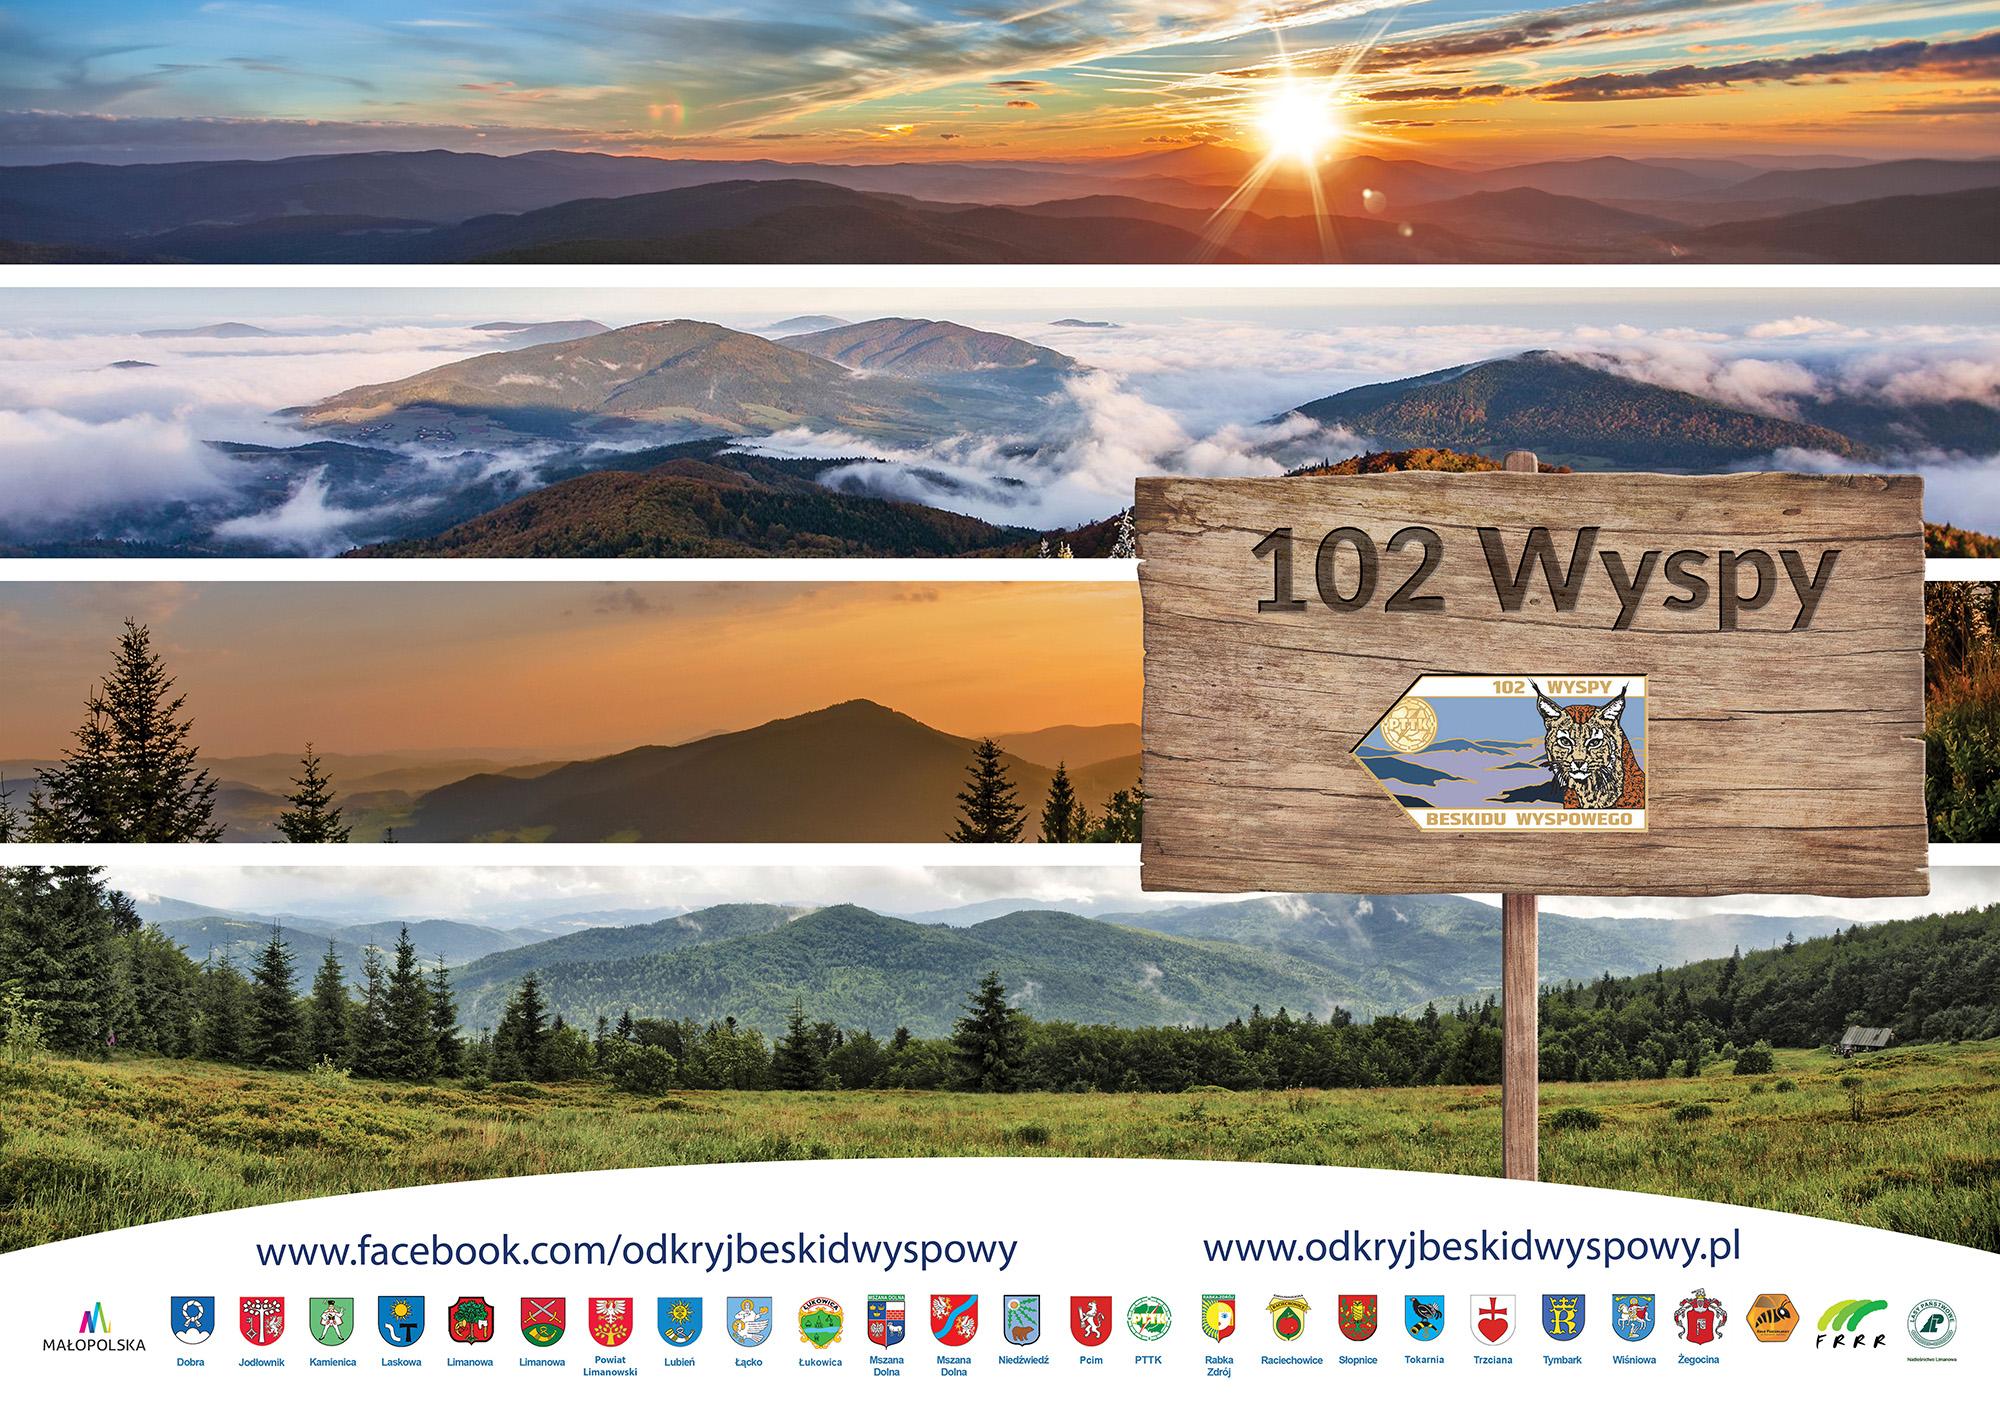 """102 Wyspy Beskidu Wyspowego"""" do zdobycia - zdjęcie główne"""